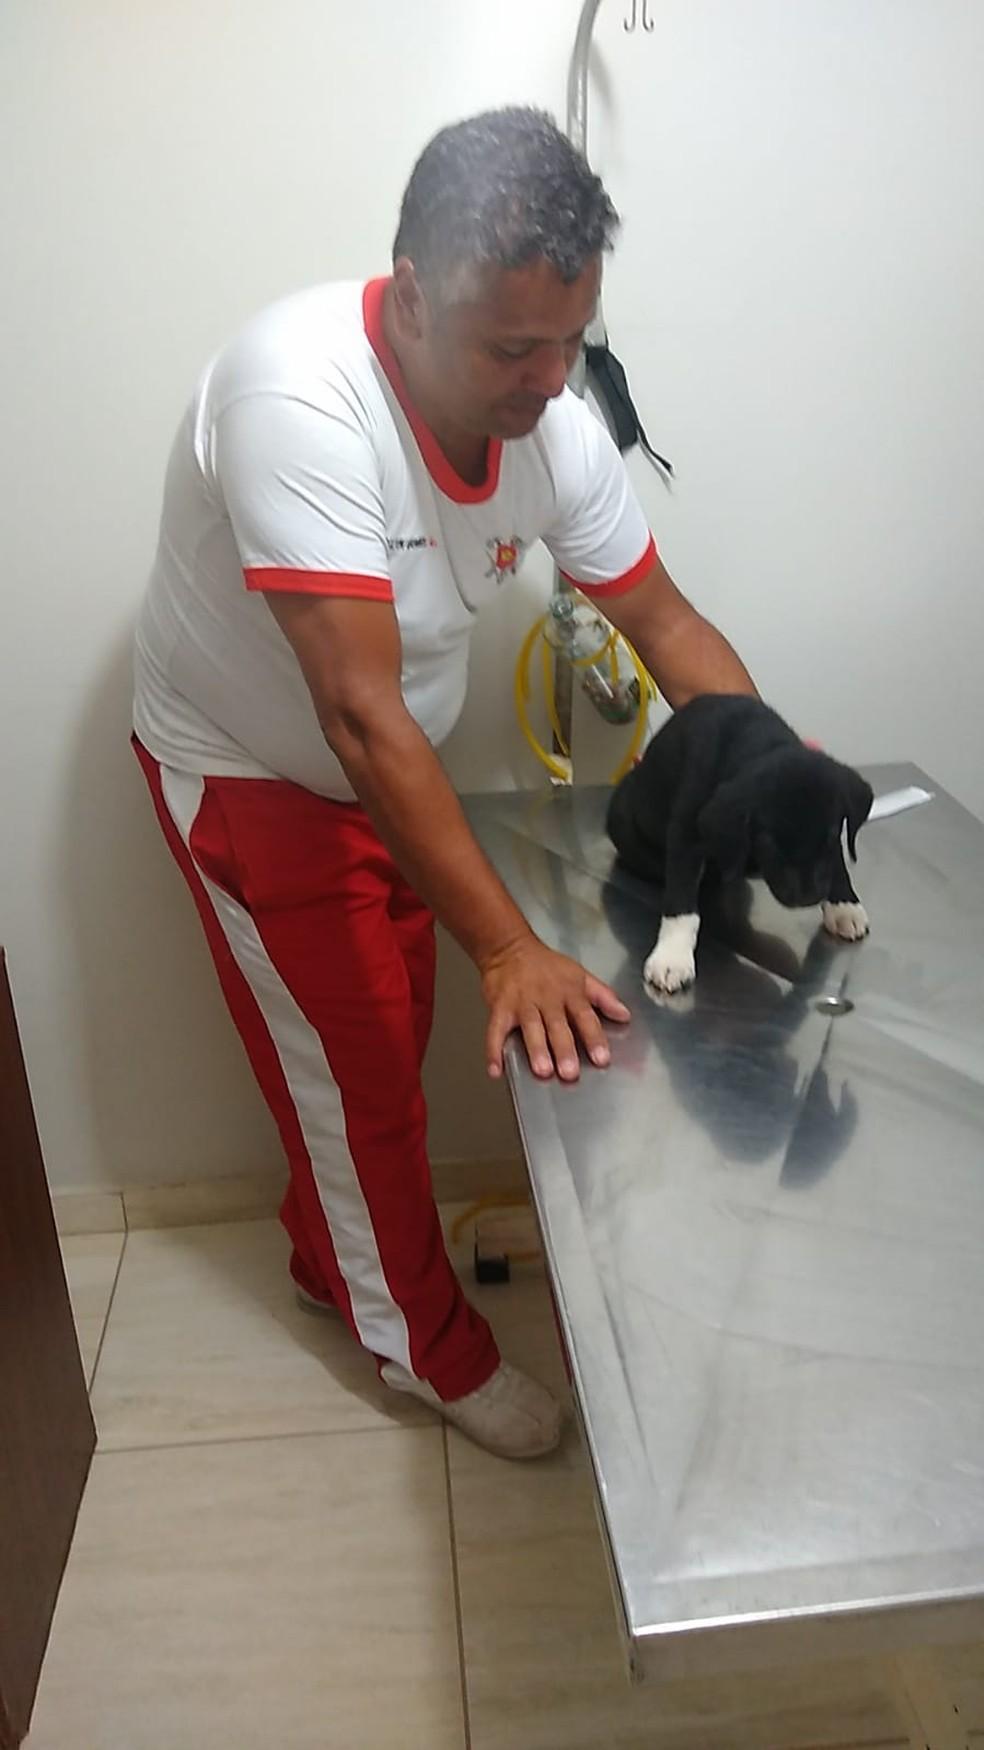 Bombeiros levaram filhote de labrador atropelado para clínica veterinária, no DF — Foto: Arquivo pessoal